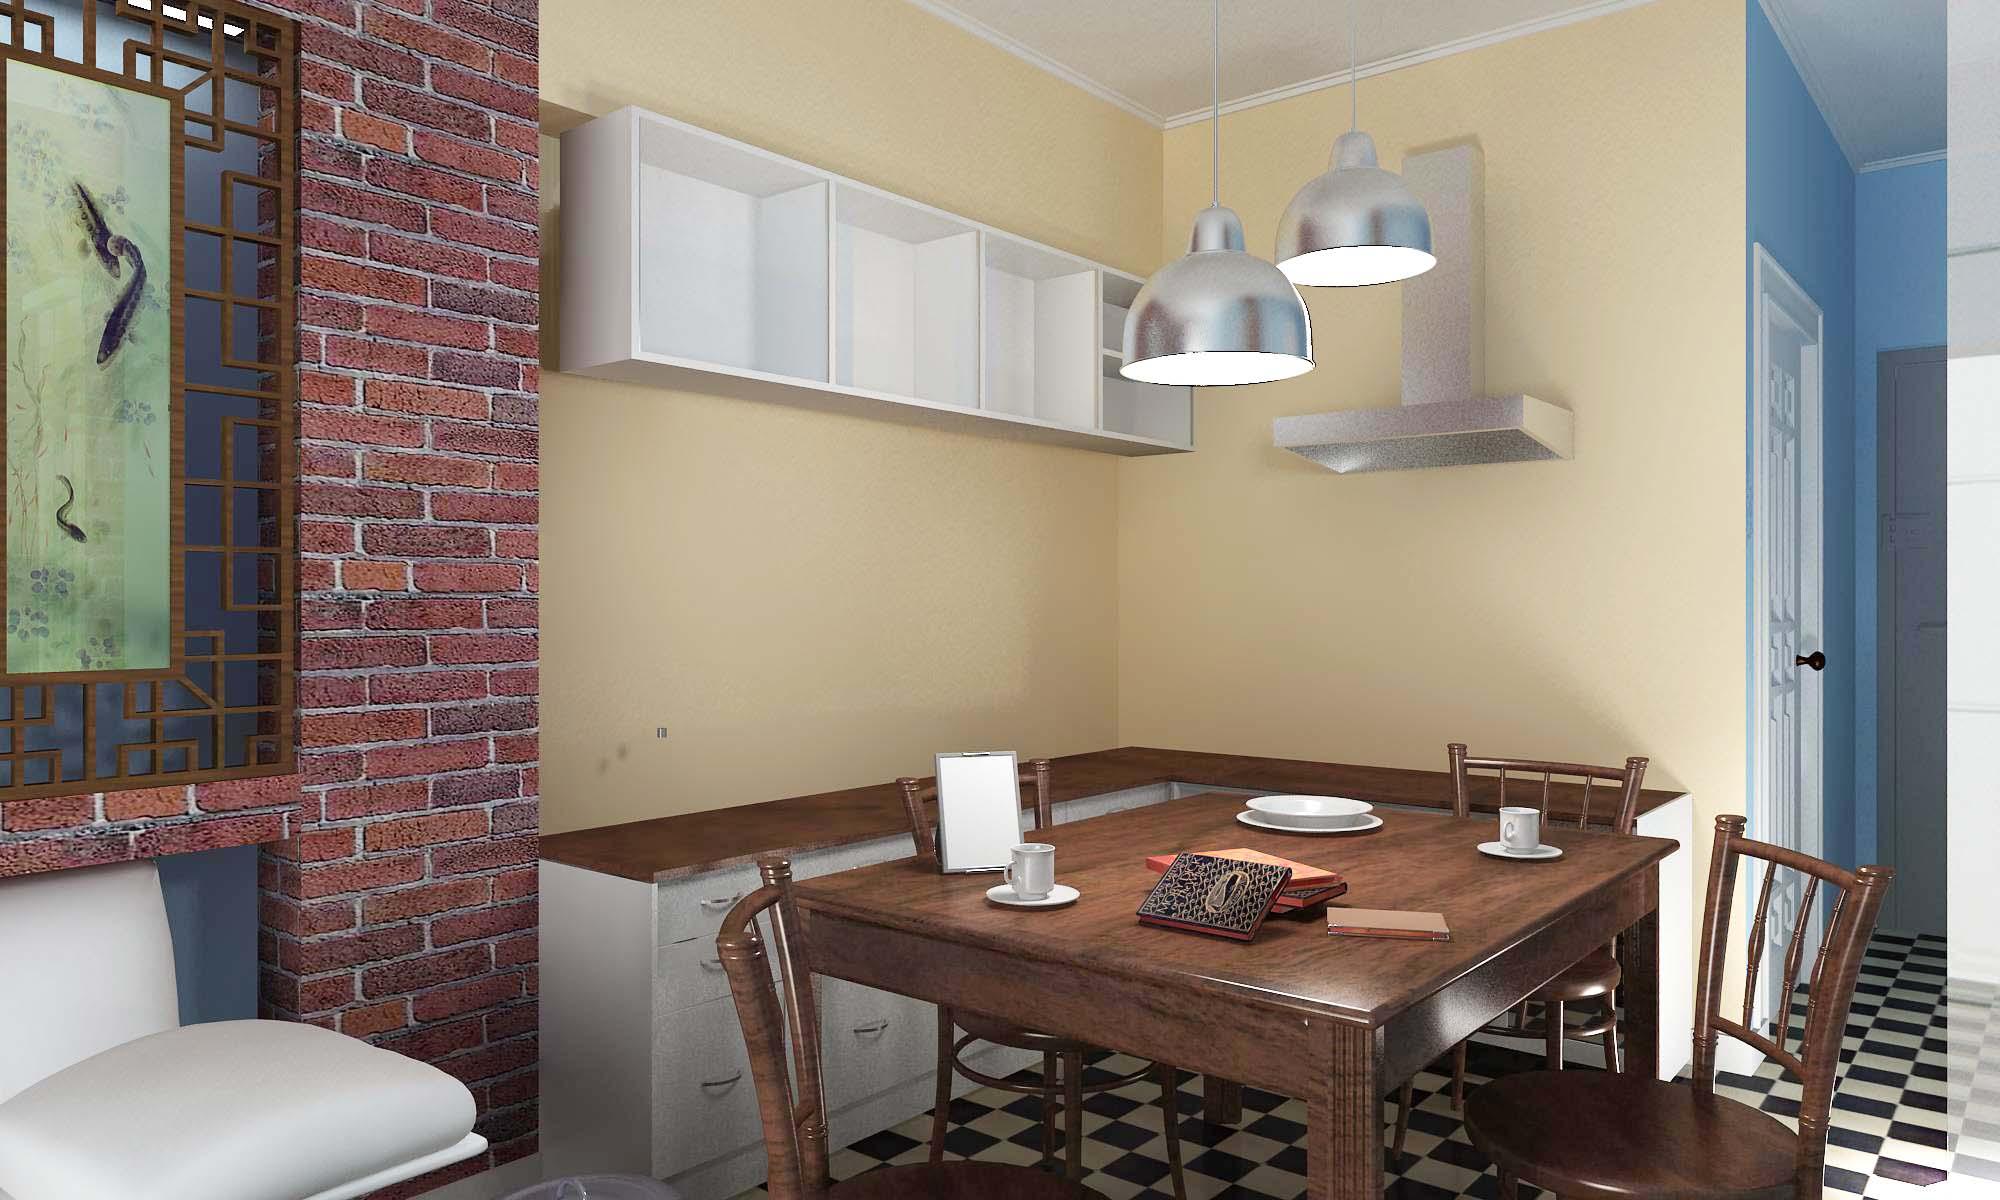 50平米公寓求设计地中海风格装修效果图 50平方米的公寓装修设计效果图(地中海风格)-一定要非常实用的  本人有国外一套50平米左右的度假小公寓需要征集设计图。(2房2卫1厅) 人数: 5个 (父母,姐姐17岁,双胞胎2岁半),由于空间小,所以3个姐妹必须住同间房 风格:由于本人很喜欢地中海式的风格,尤其是蓝白色调的。